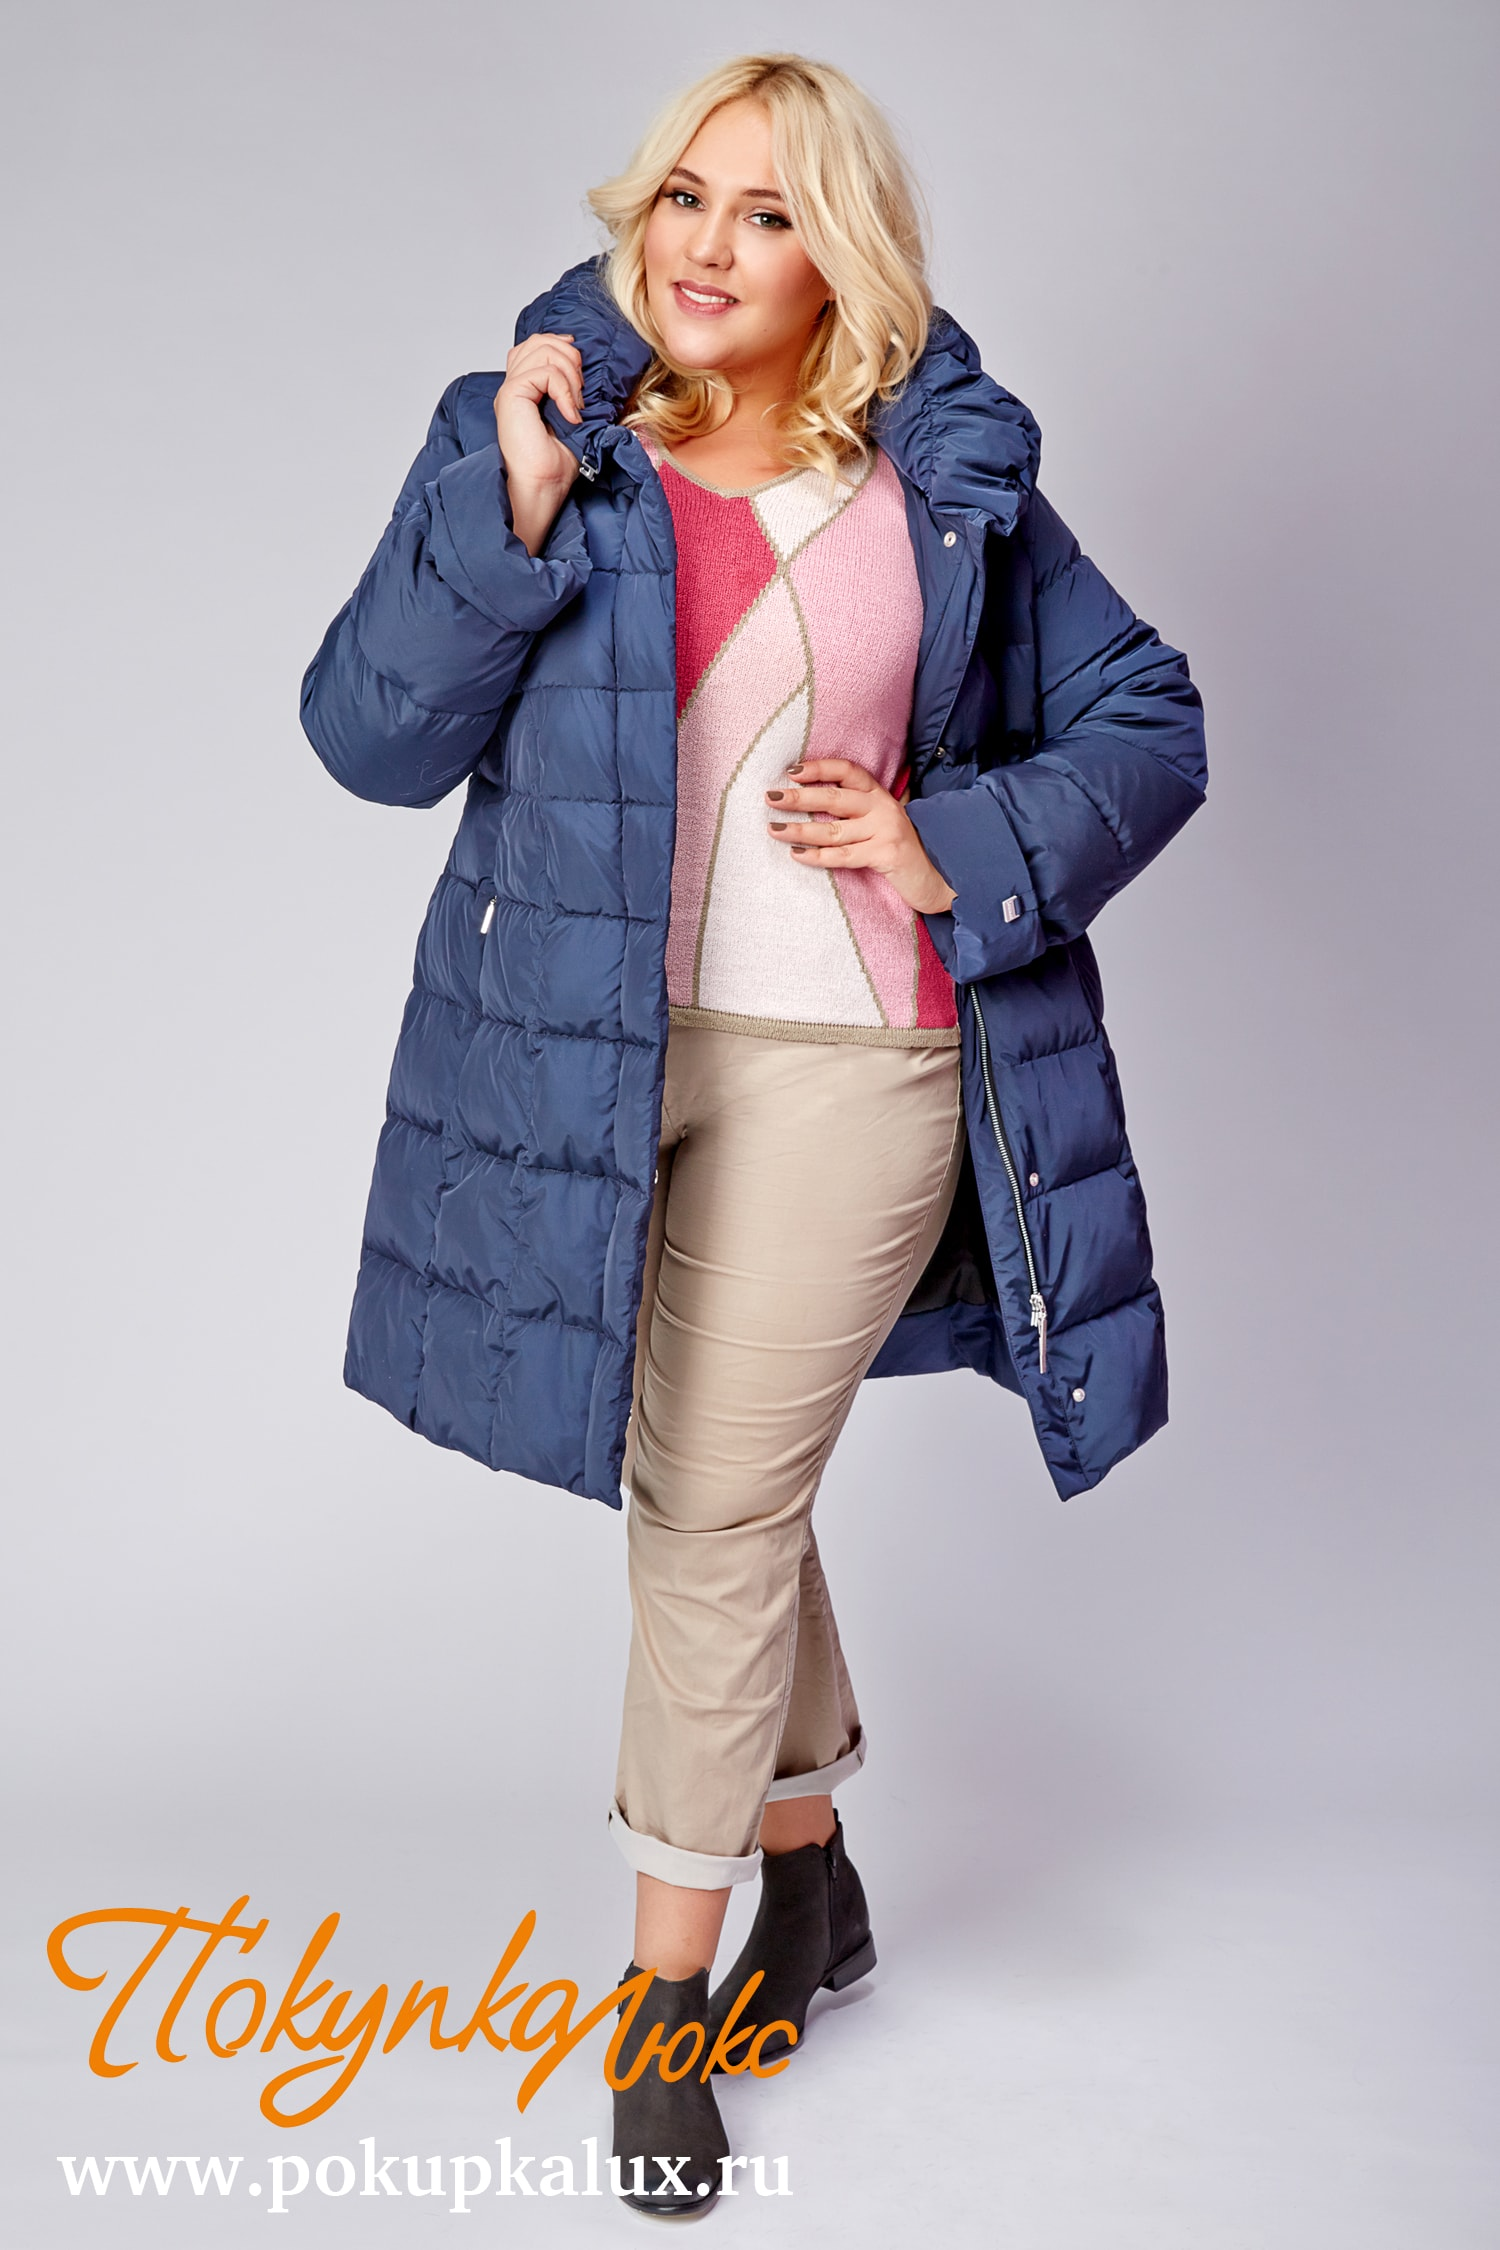 2bb716e0816 Пуховики женские с мехом из Италии в интернет магазине. Купить ...